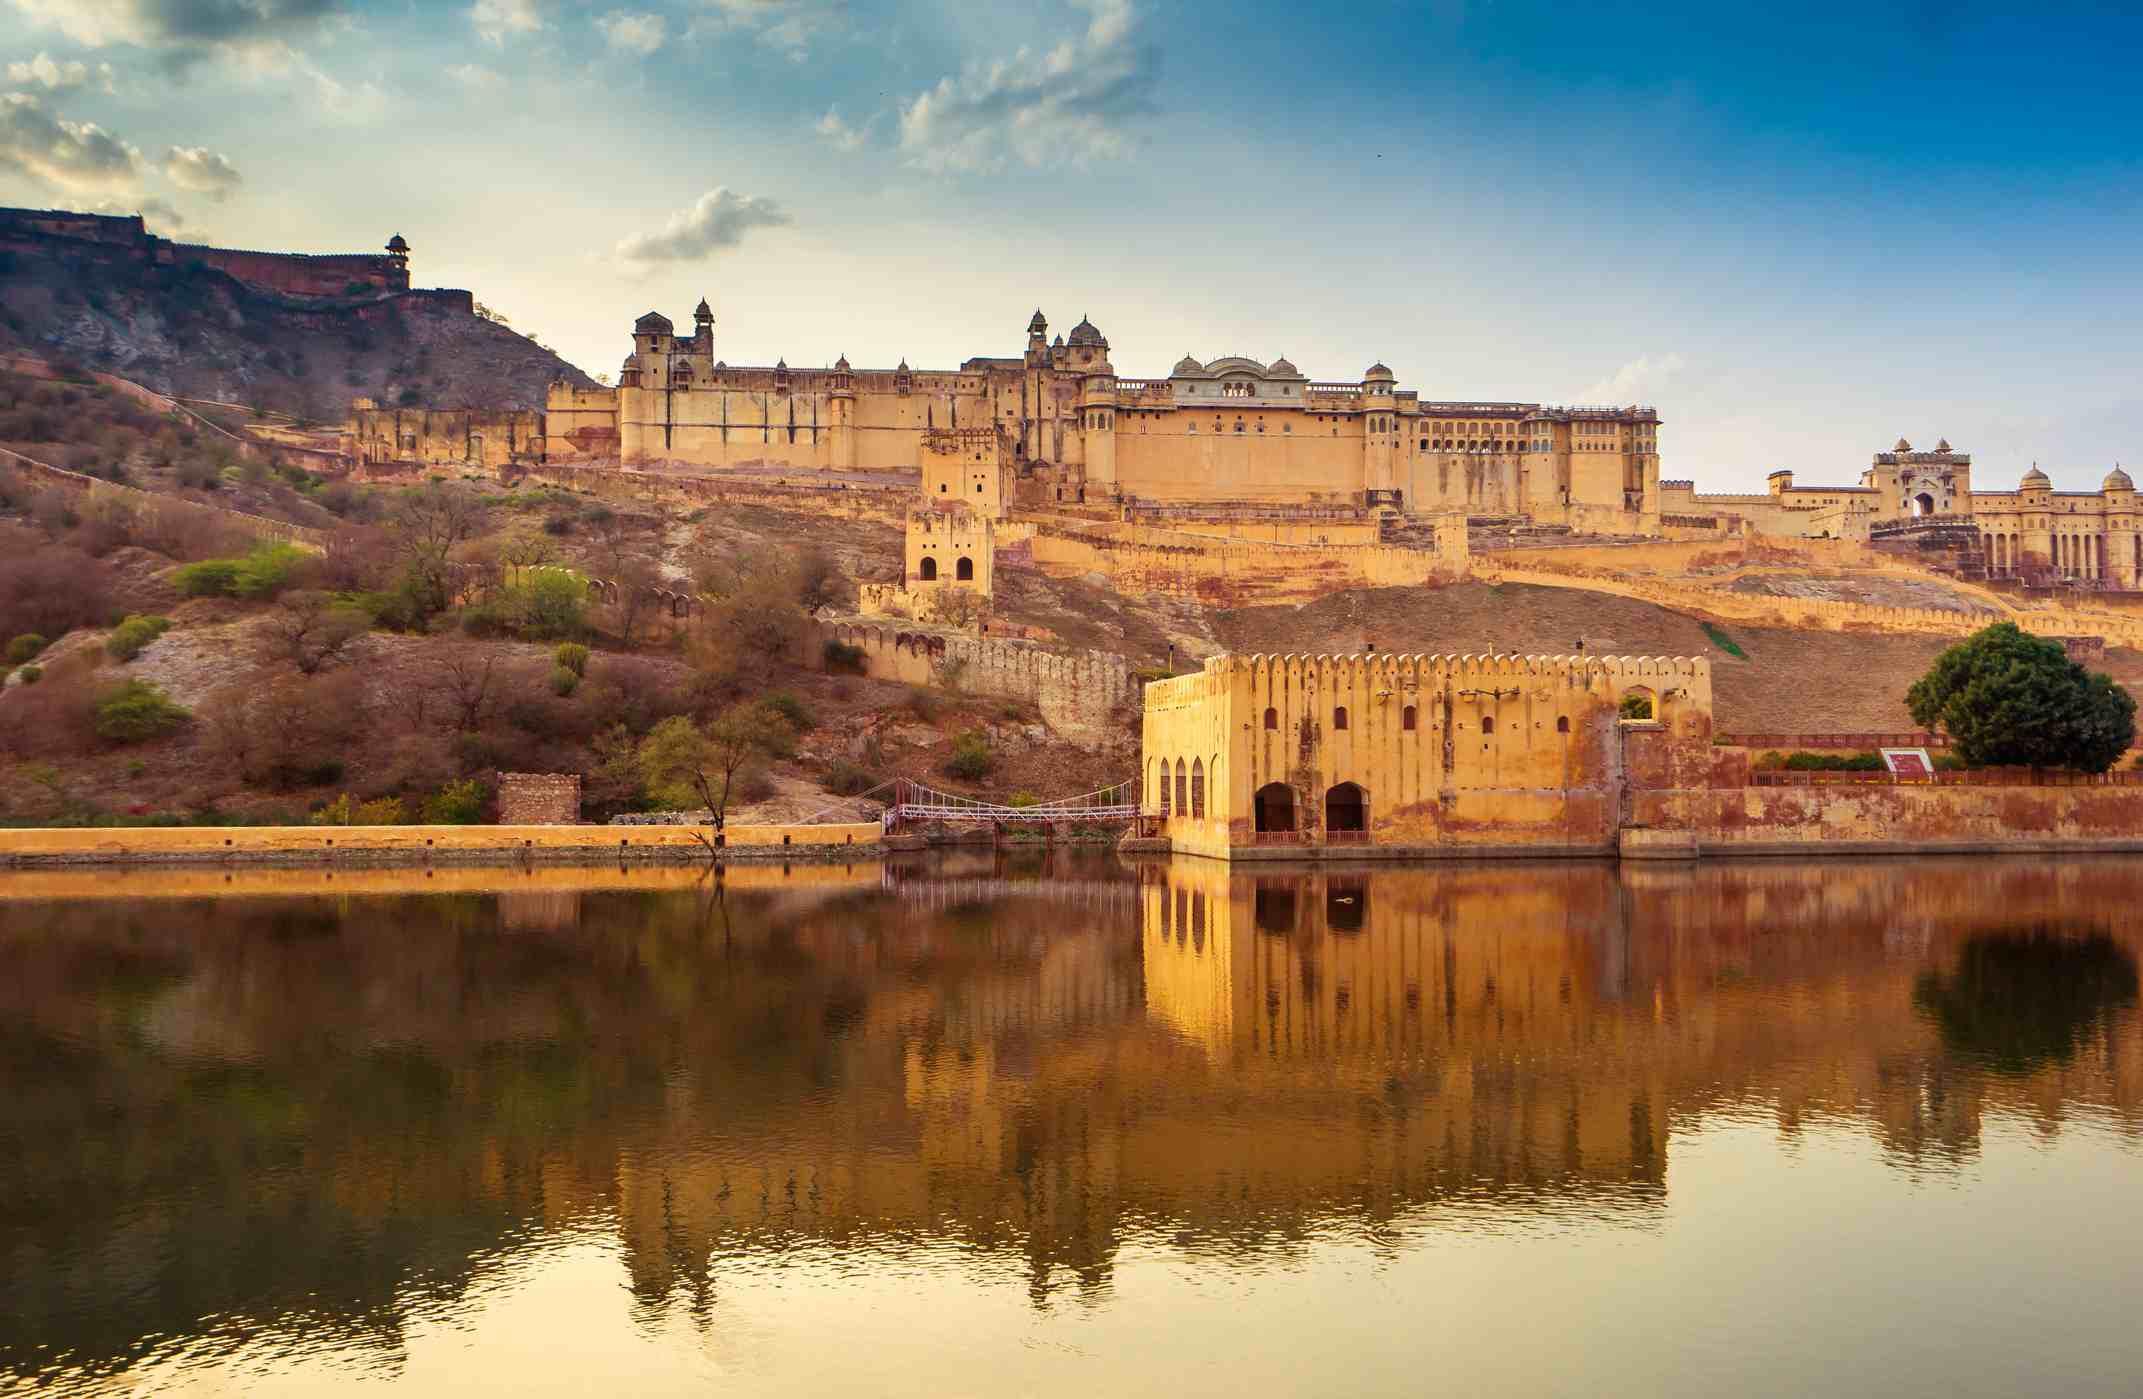 meilleurs période pour voyager au Rajasthan